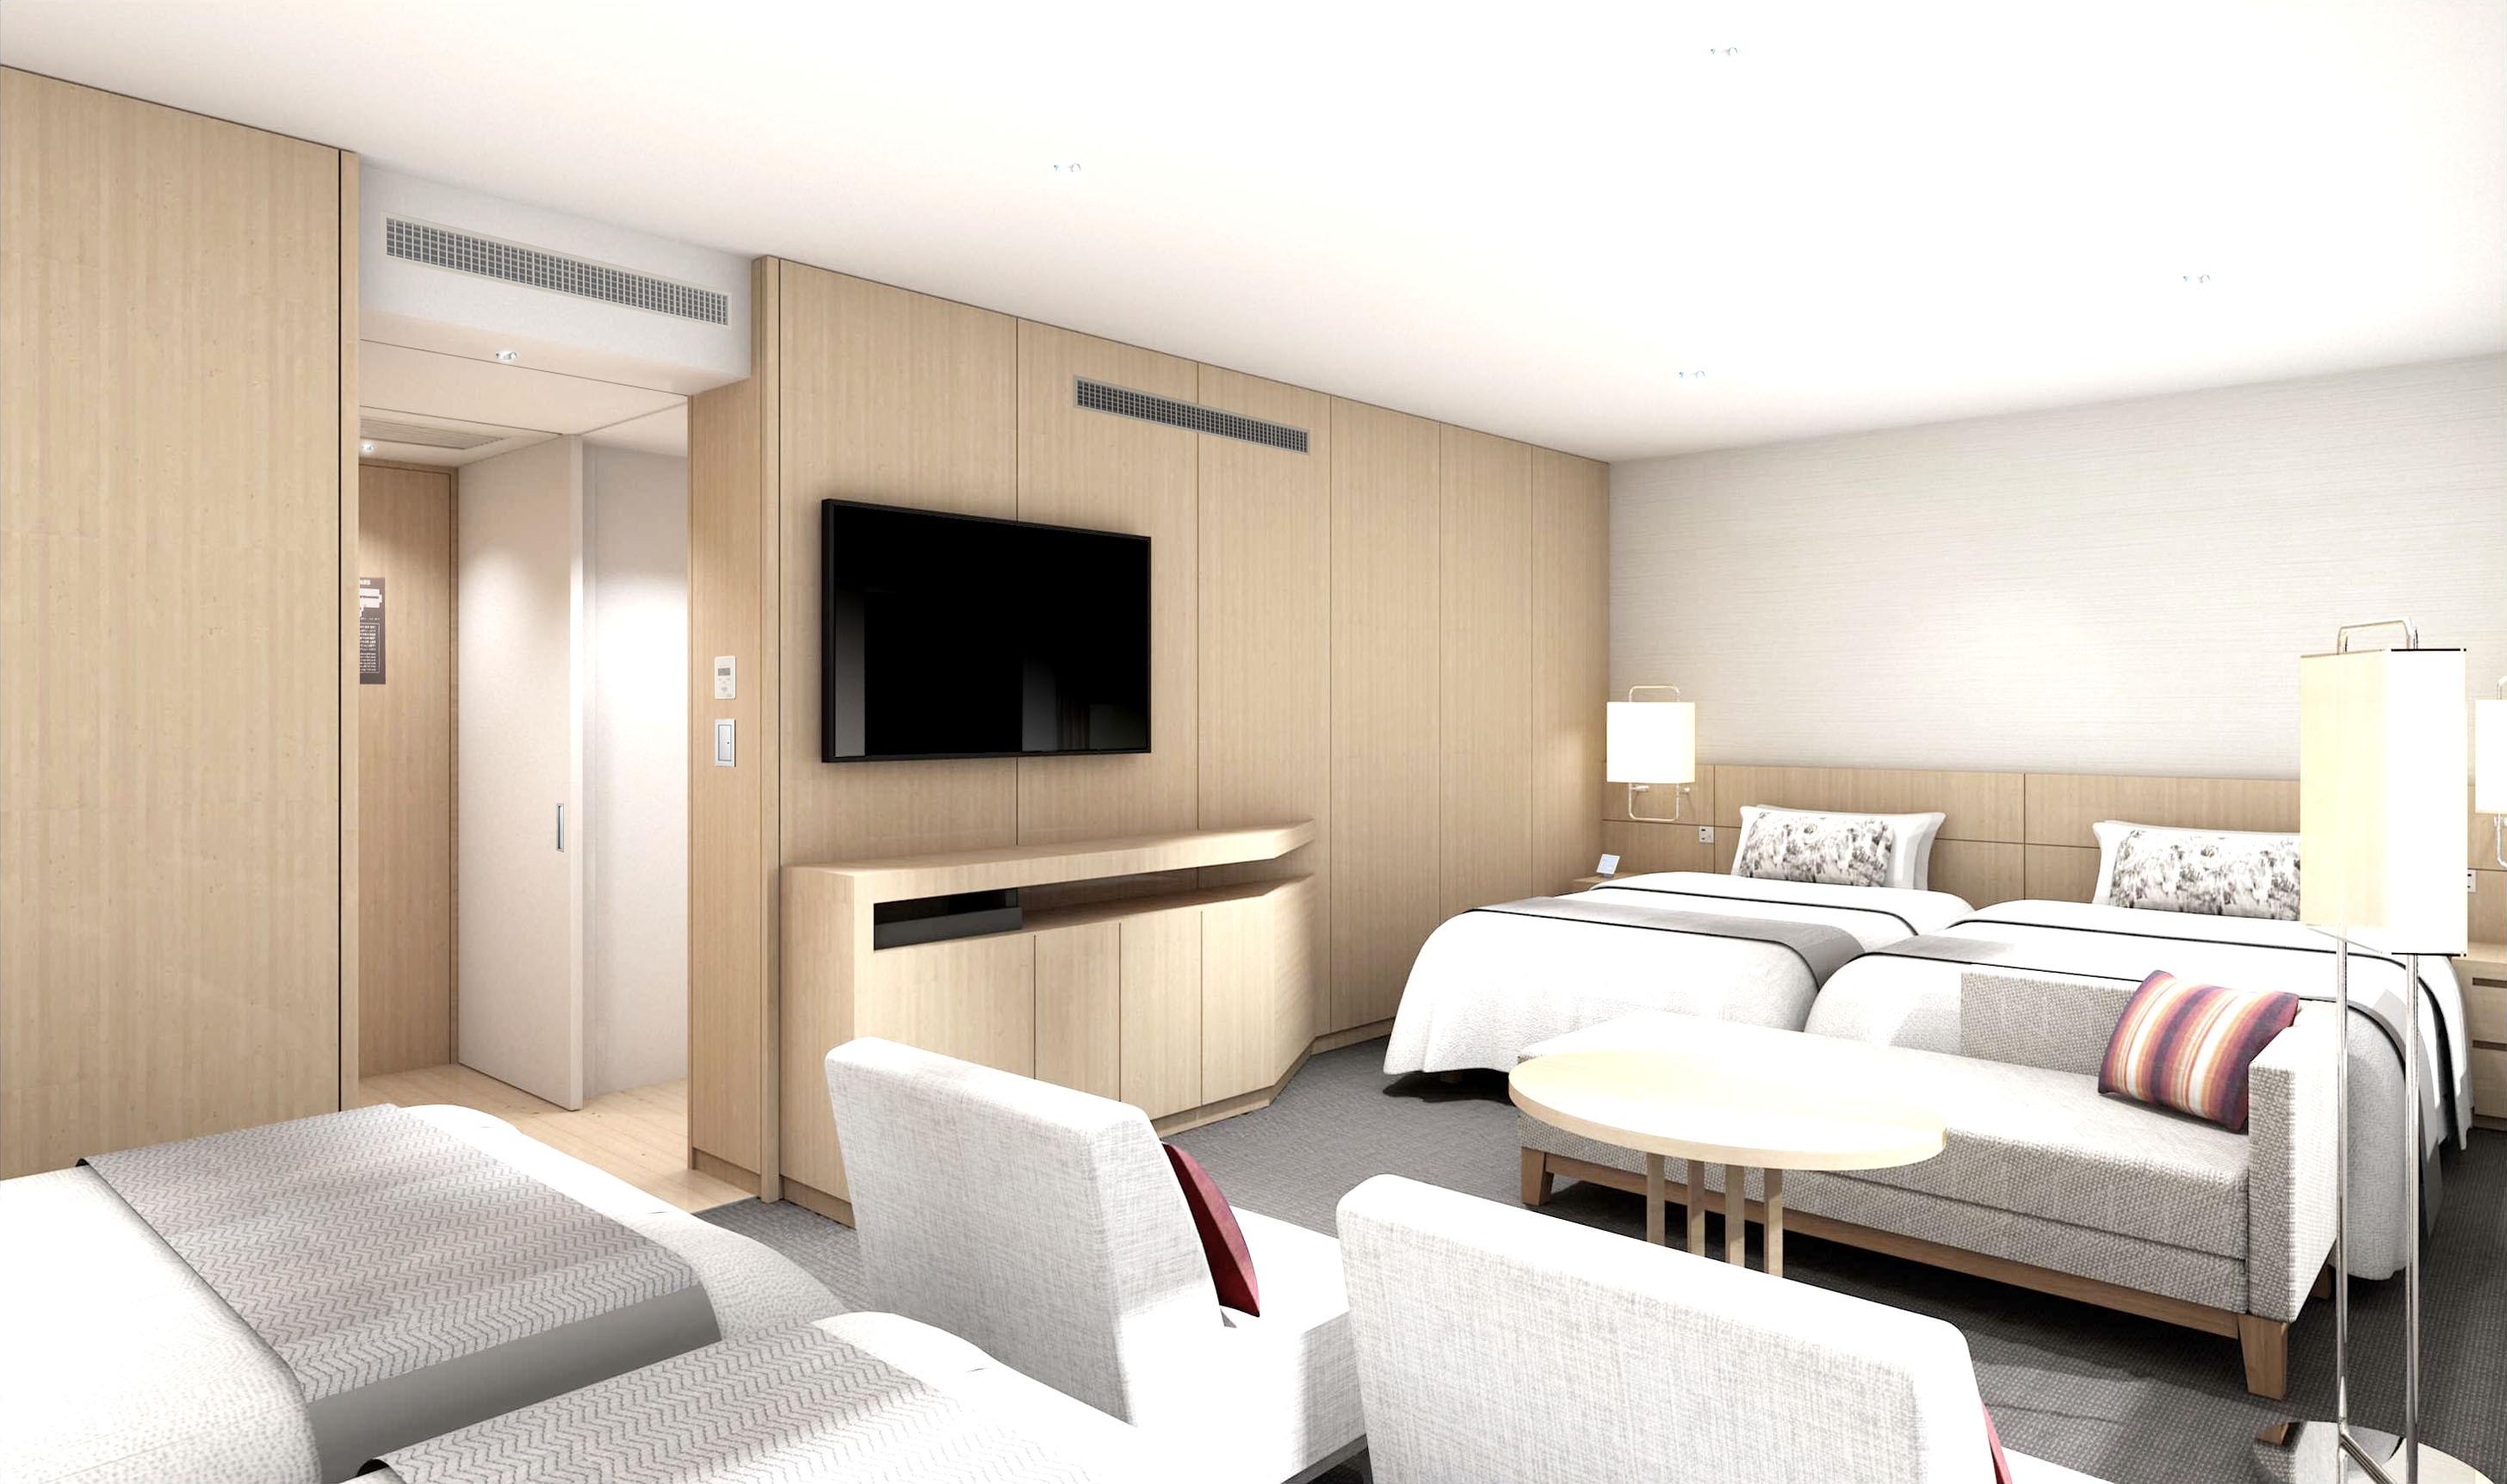 Renover Une Chambre Adulte le keio plaza hotel tokyo rénove ses chambres du 31e étage